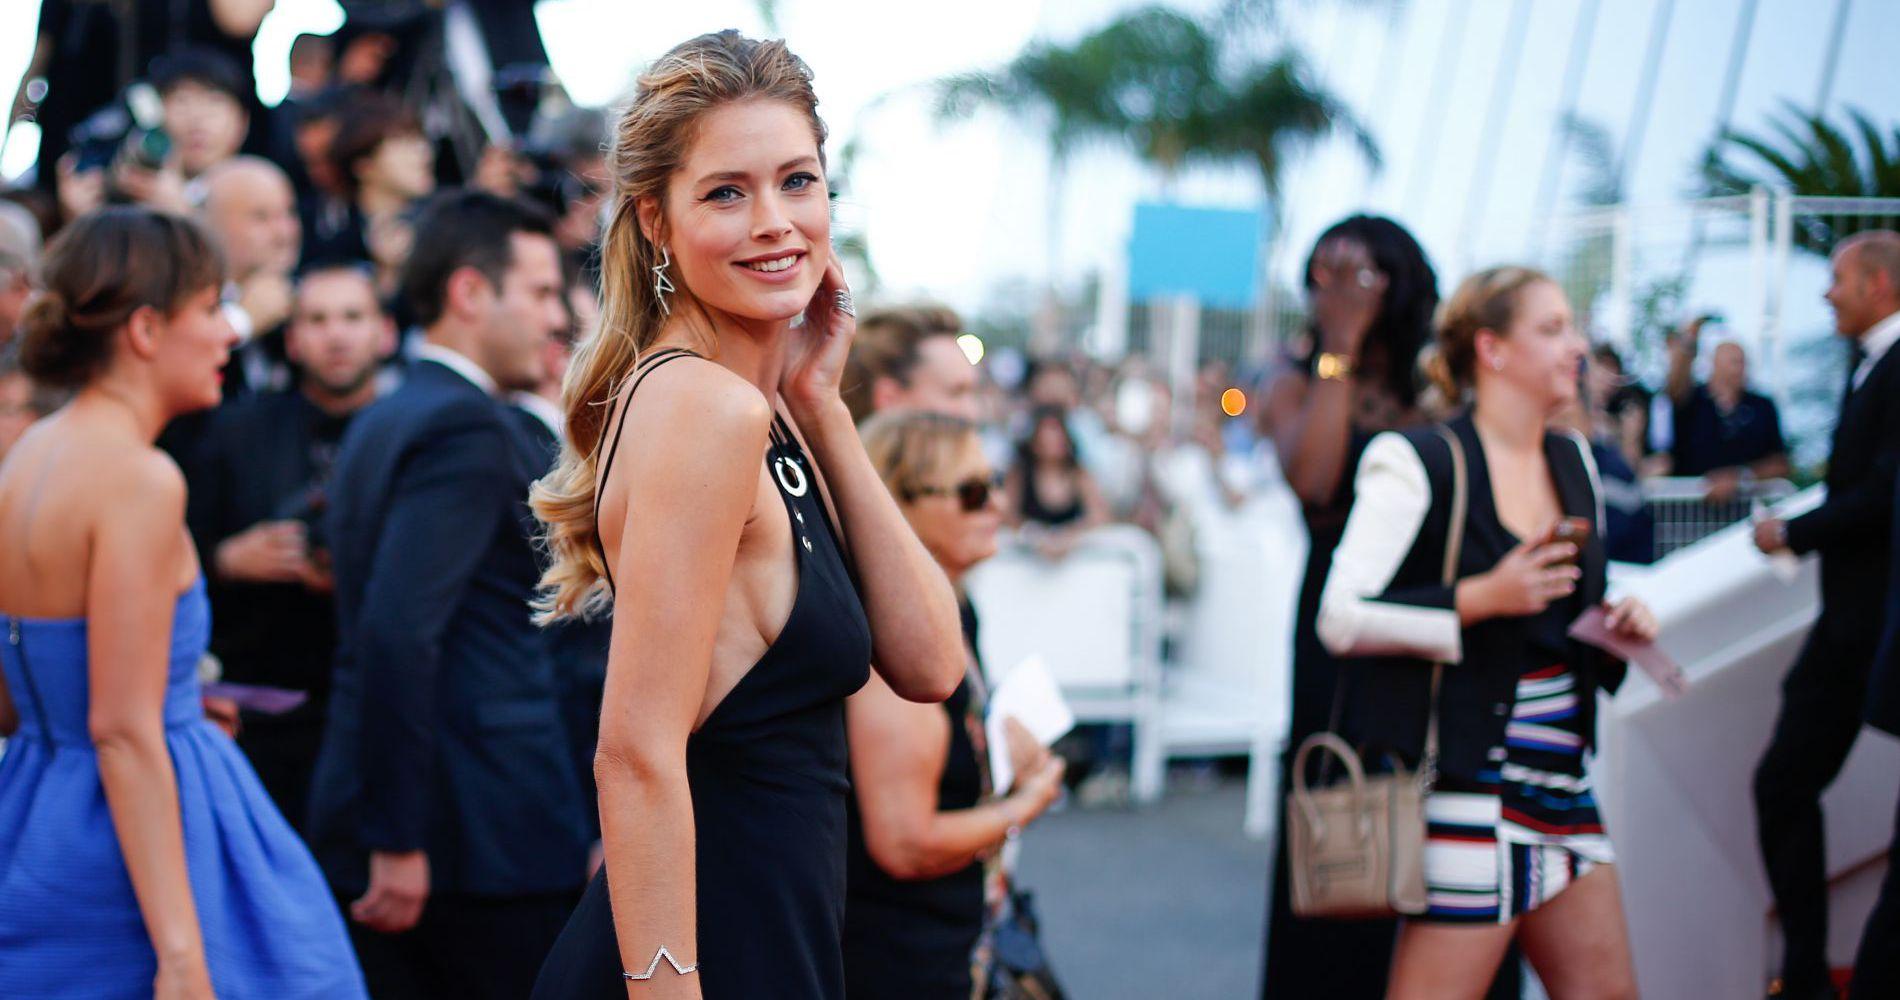 Pour cette huitième journée de Festival de Cannes, défilé de stars françaises et de tops internationaux...